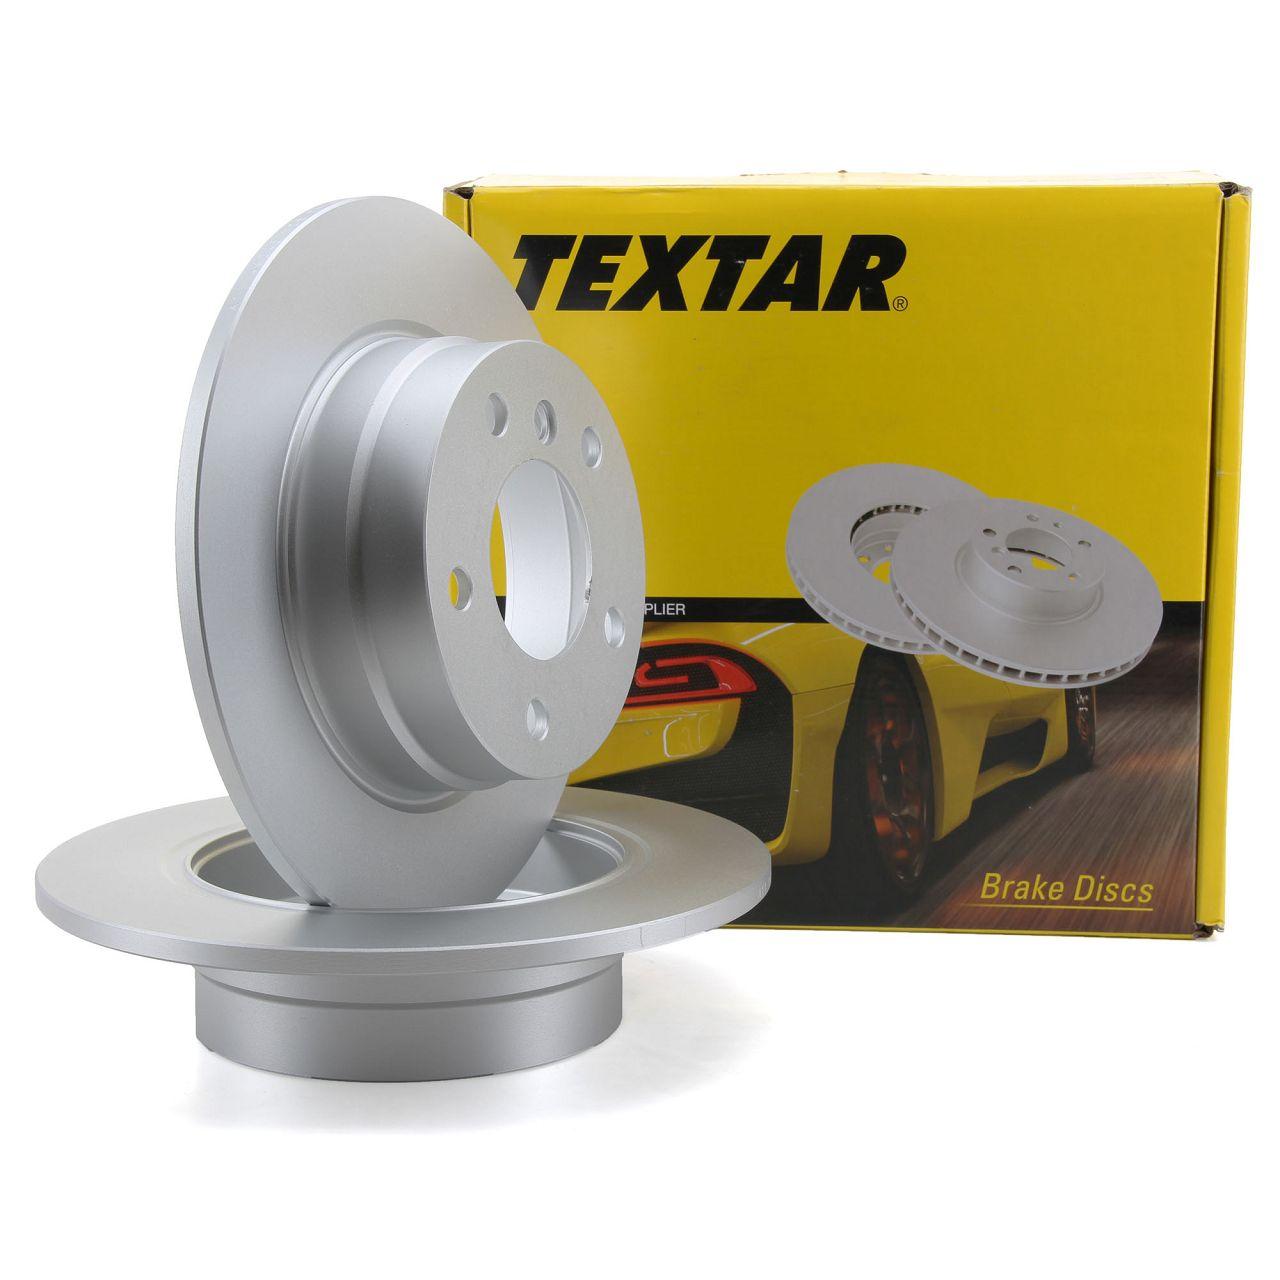 TEXTAR 92132903 Bremsscheiben Satz BMW 1er E81 E87 116/118i 116/118d ohne M-Technik hinten